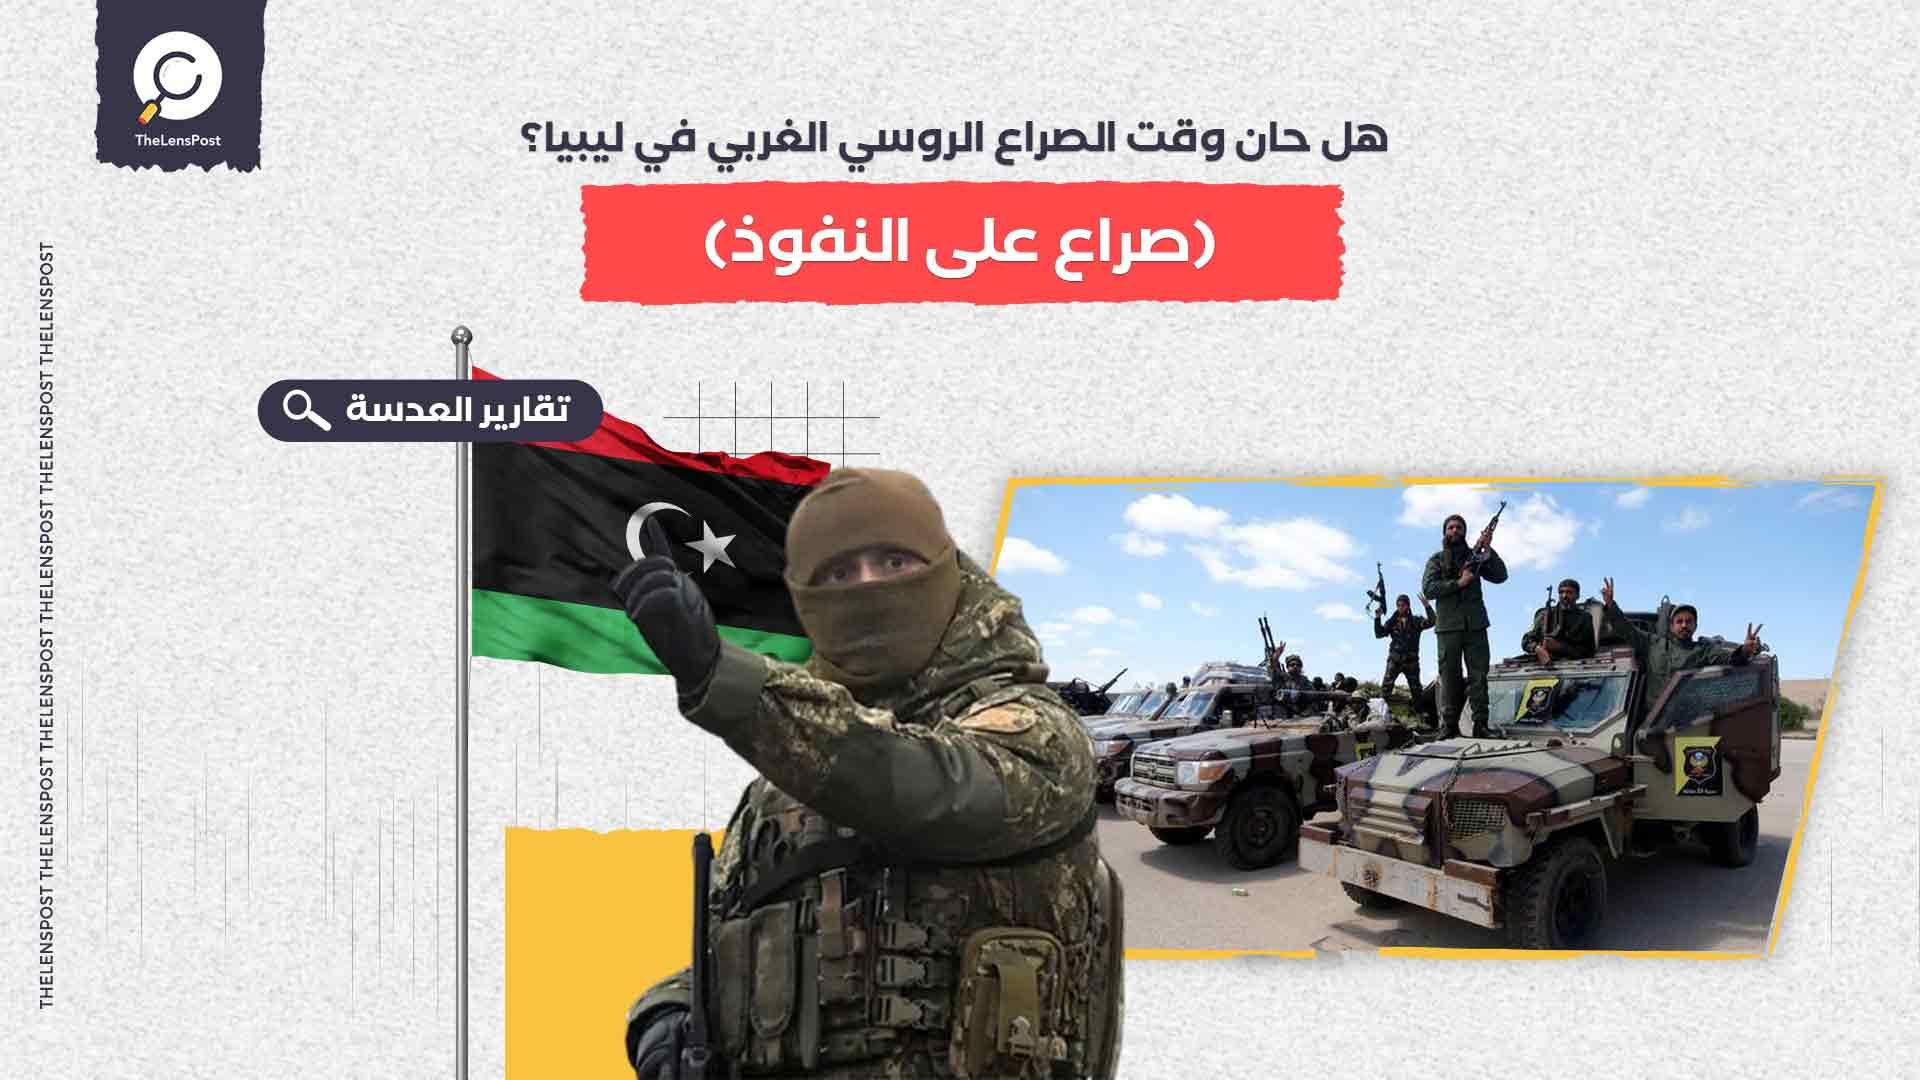 هل حان وقت الصراع الروسي الغربي في ليبيا؟